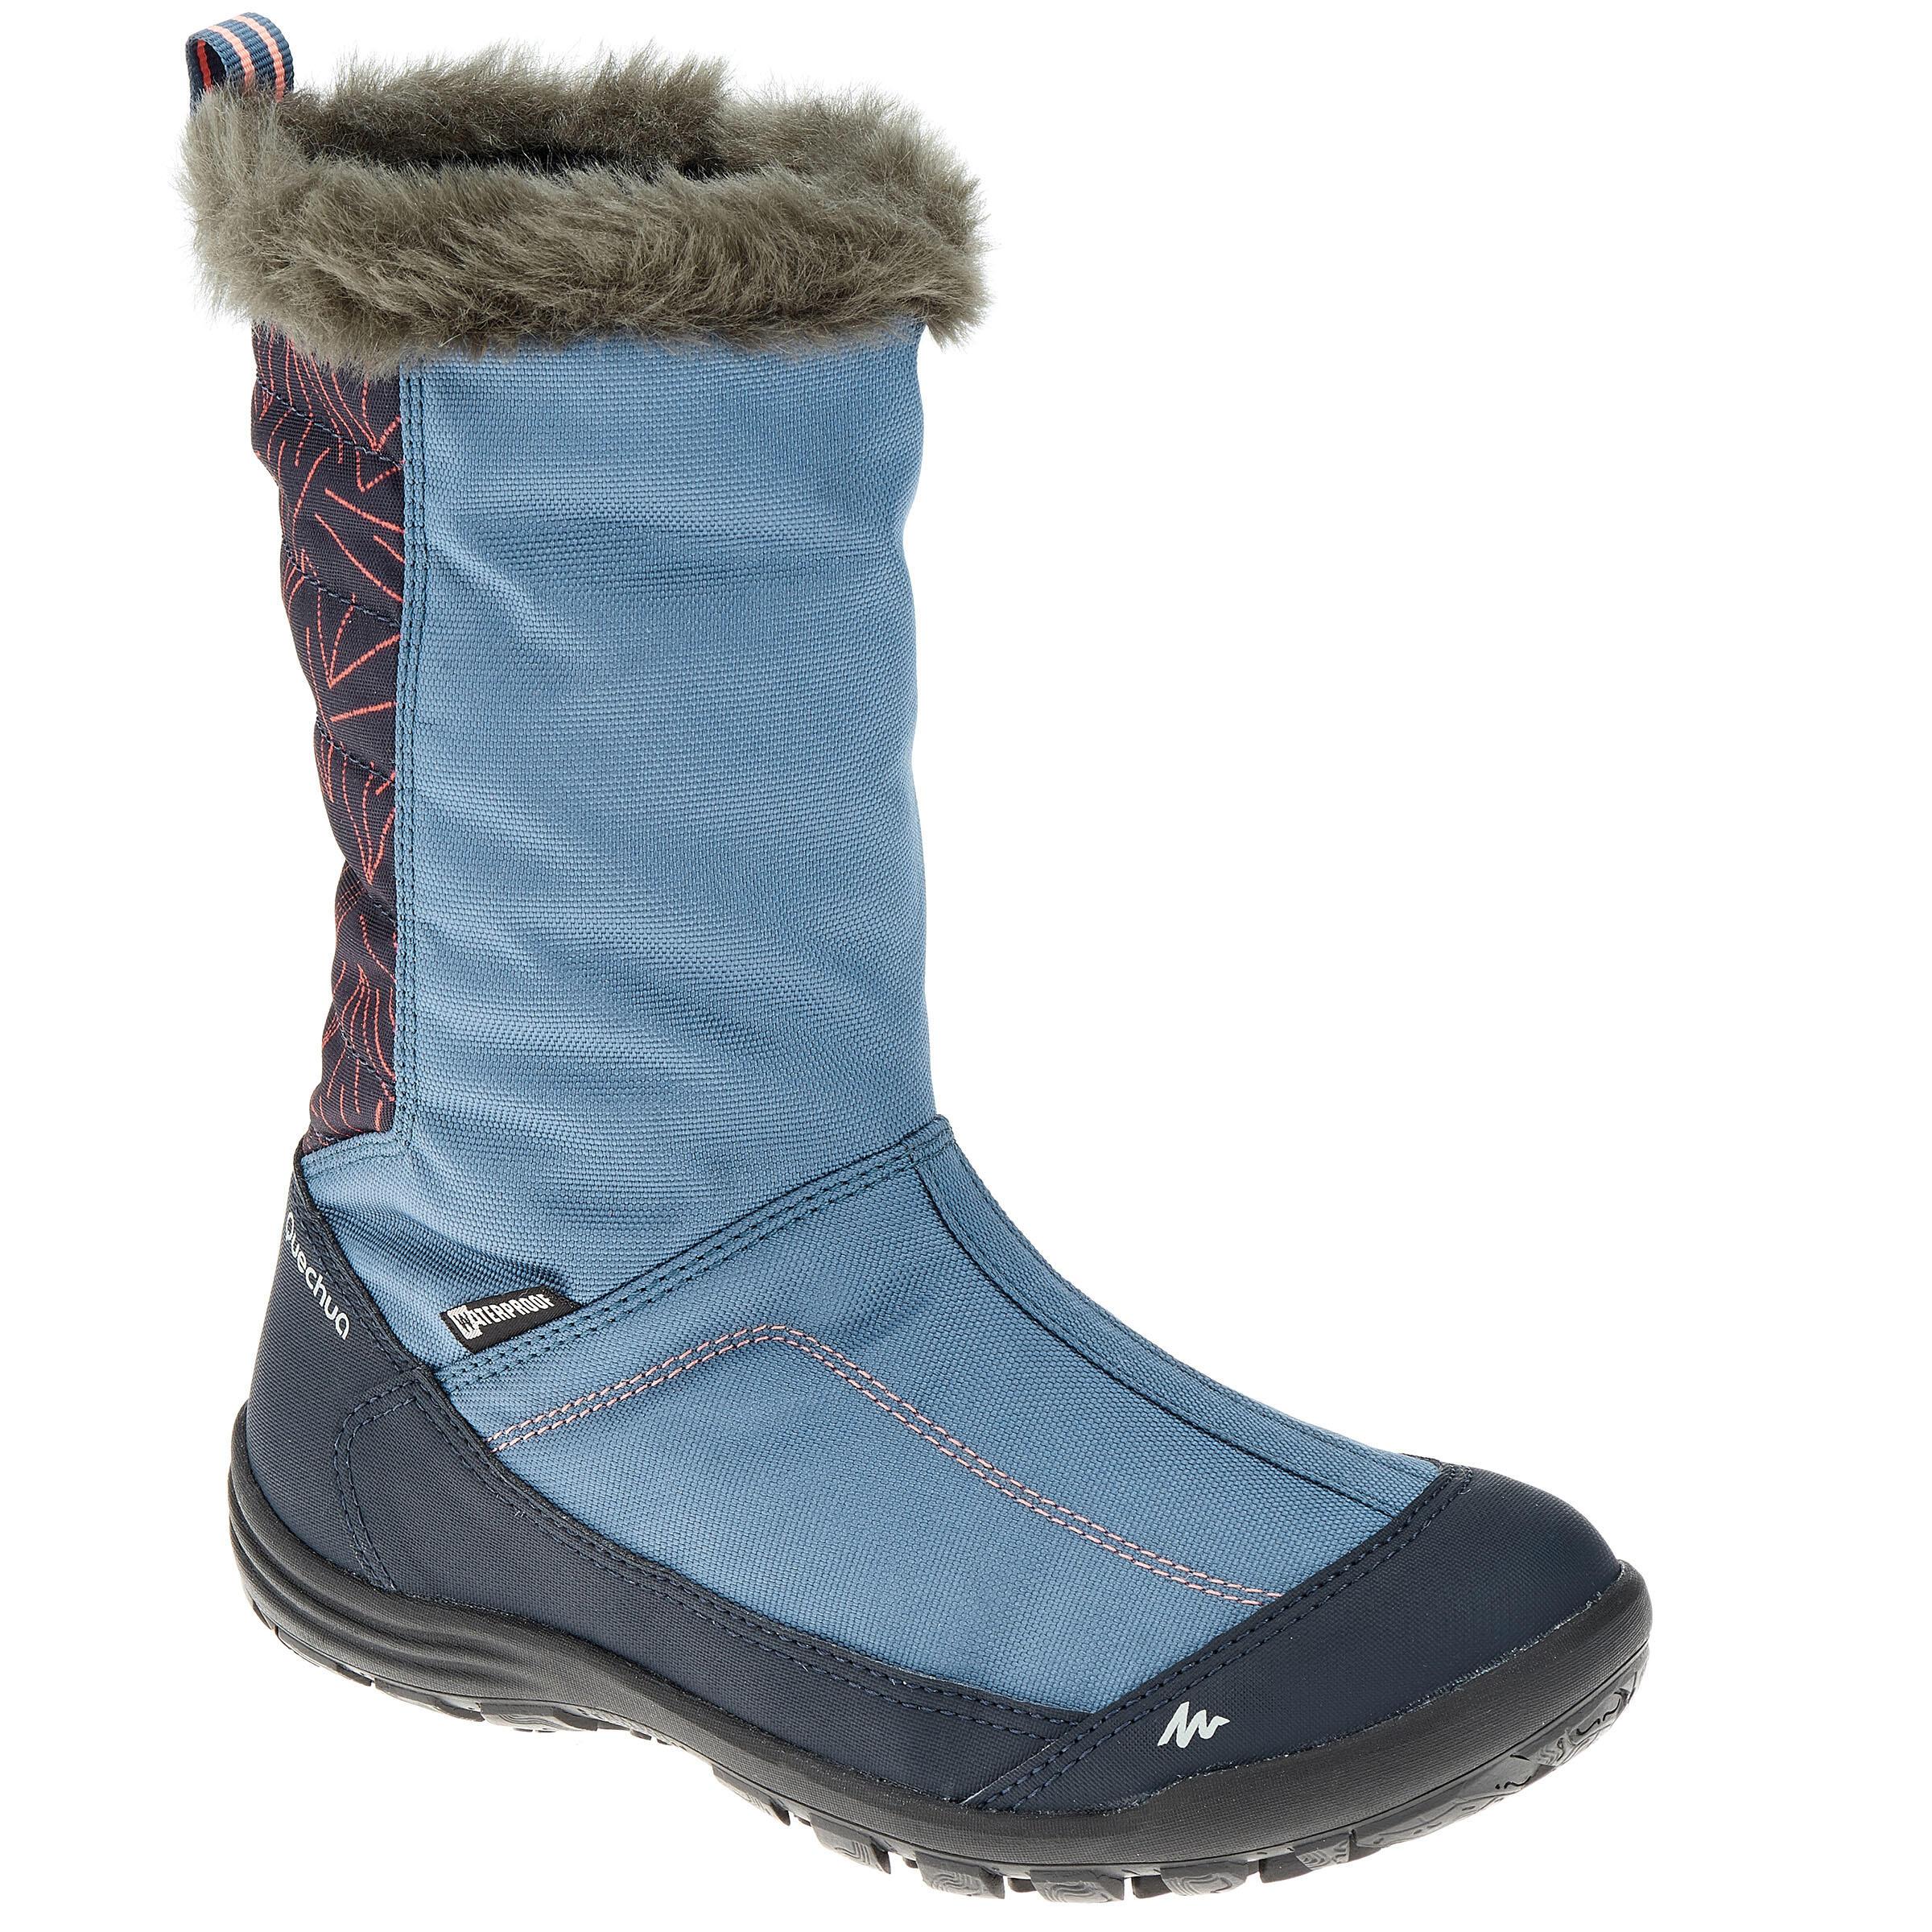 Quechua Kinder wandellaarzen voor de sneeuw SH500 warm